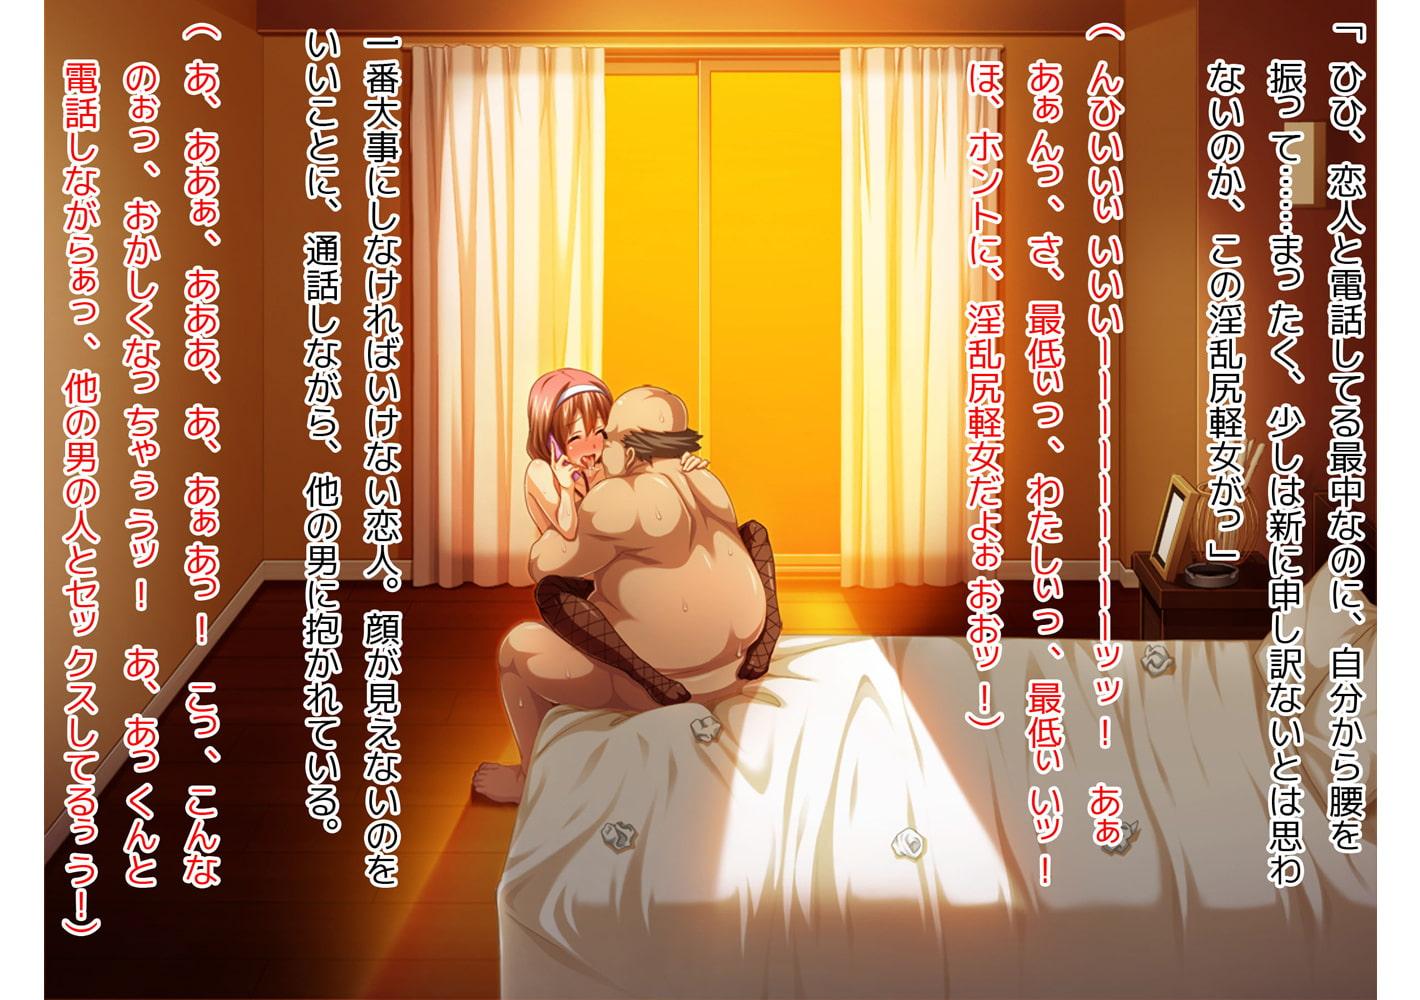 実録! 最低家族SP 義理の父、兄とヤリまくってた彼女!(4)(フルカラー)